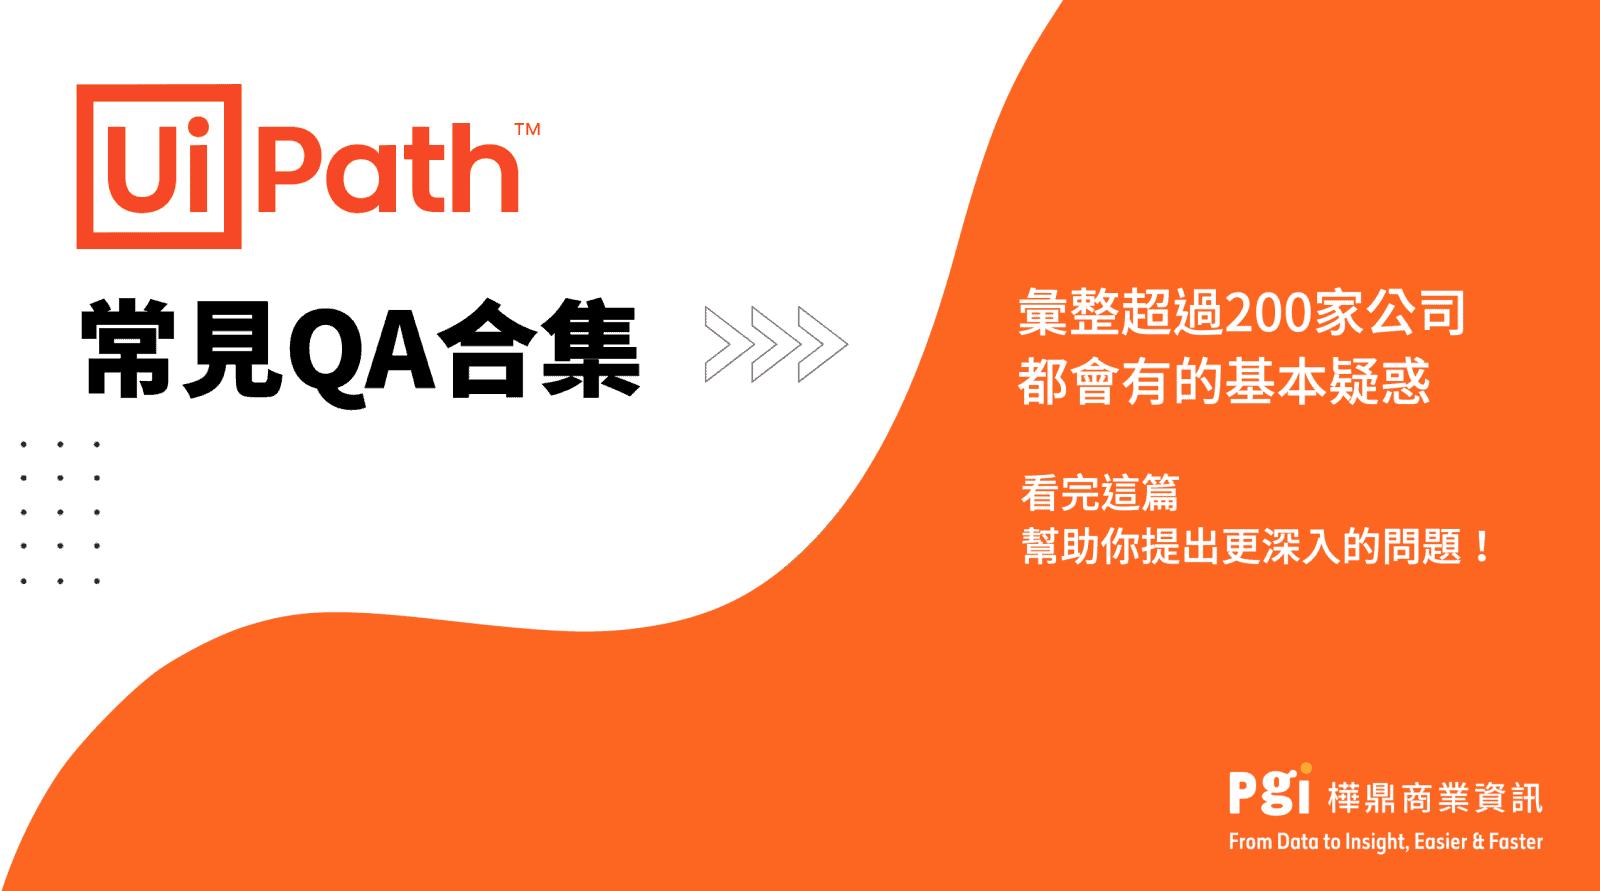 UiPath-FAQ-top10